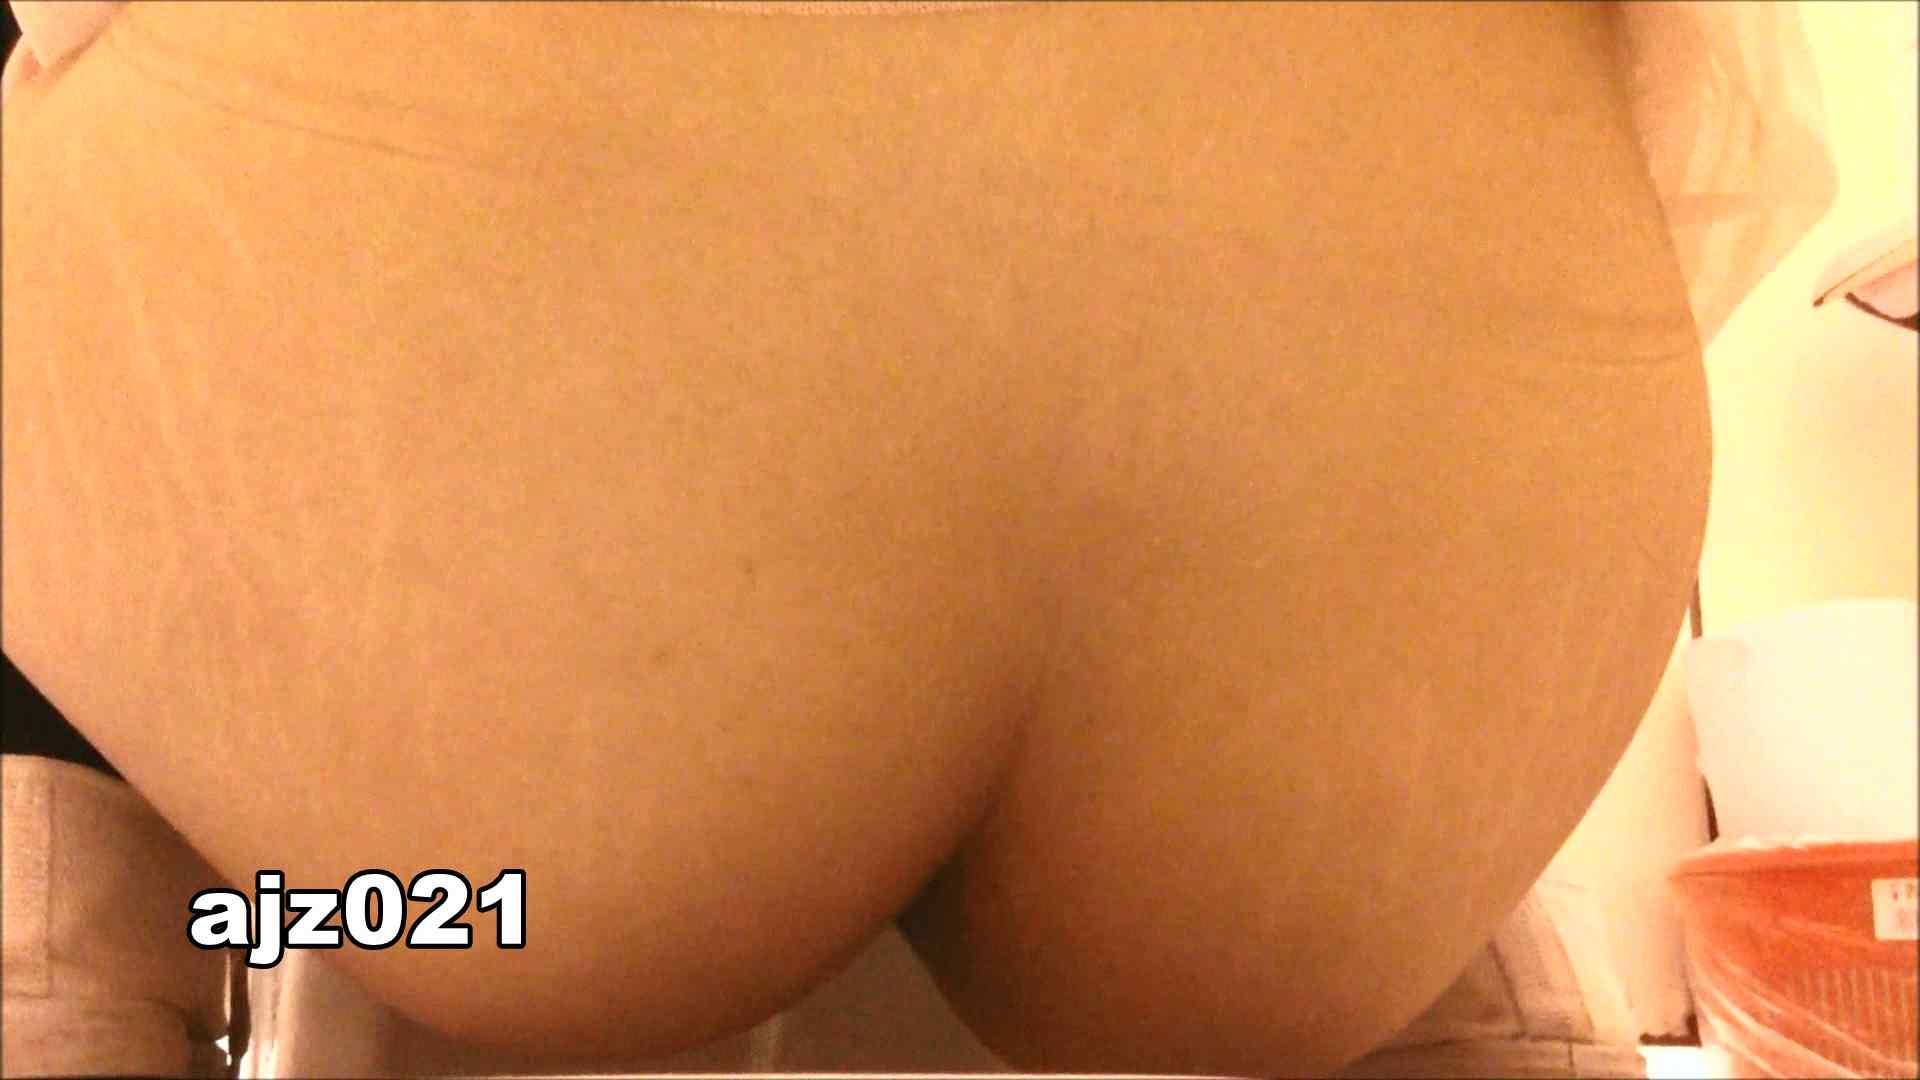 某有名大学女性洗面所 vol.21 OLセックス  75画像 16